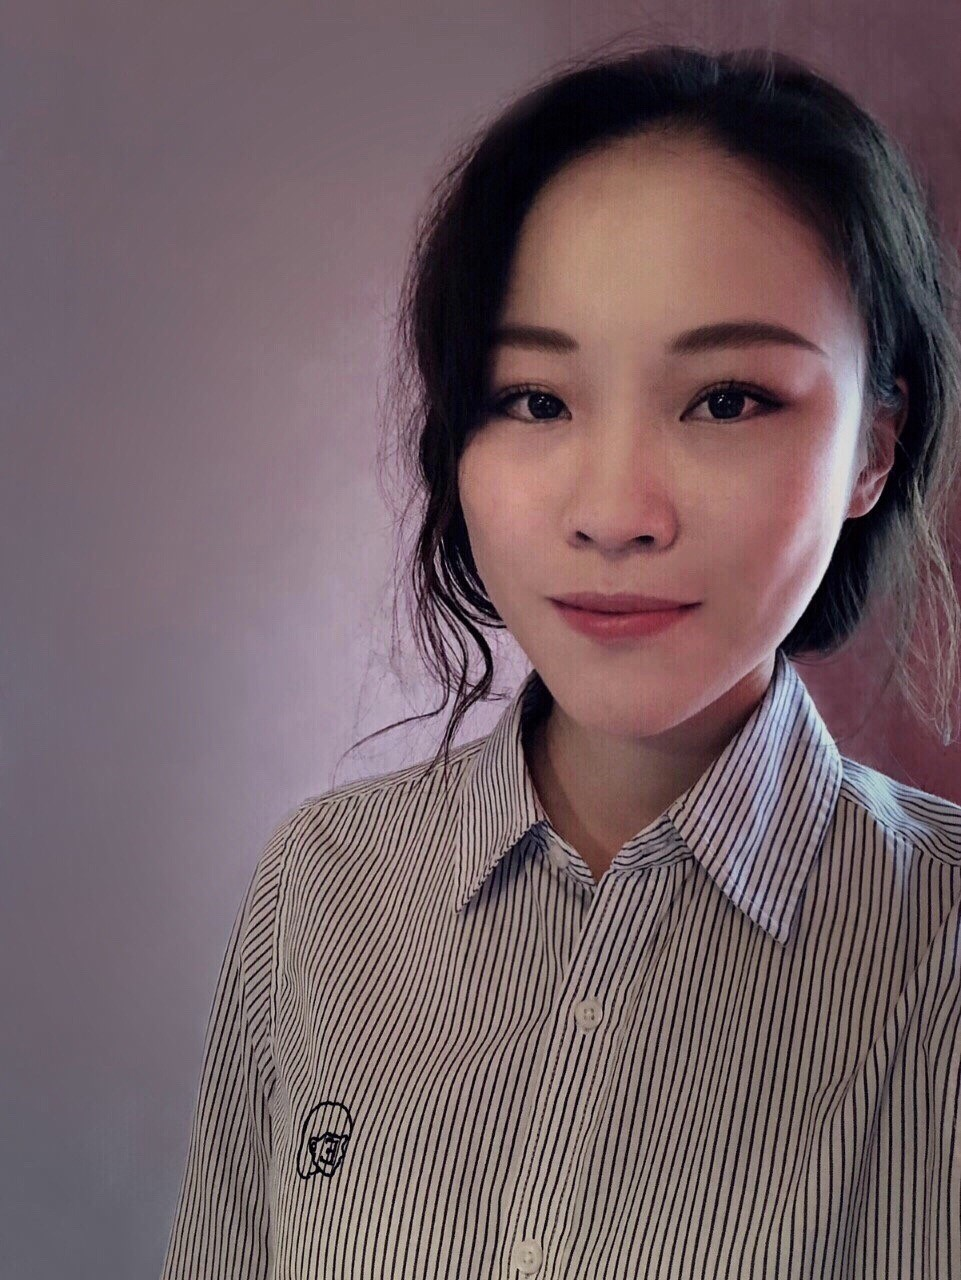 Meng Shiuan Tsai